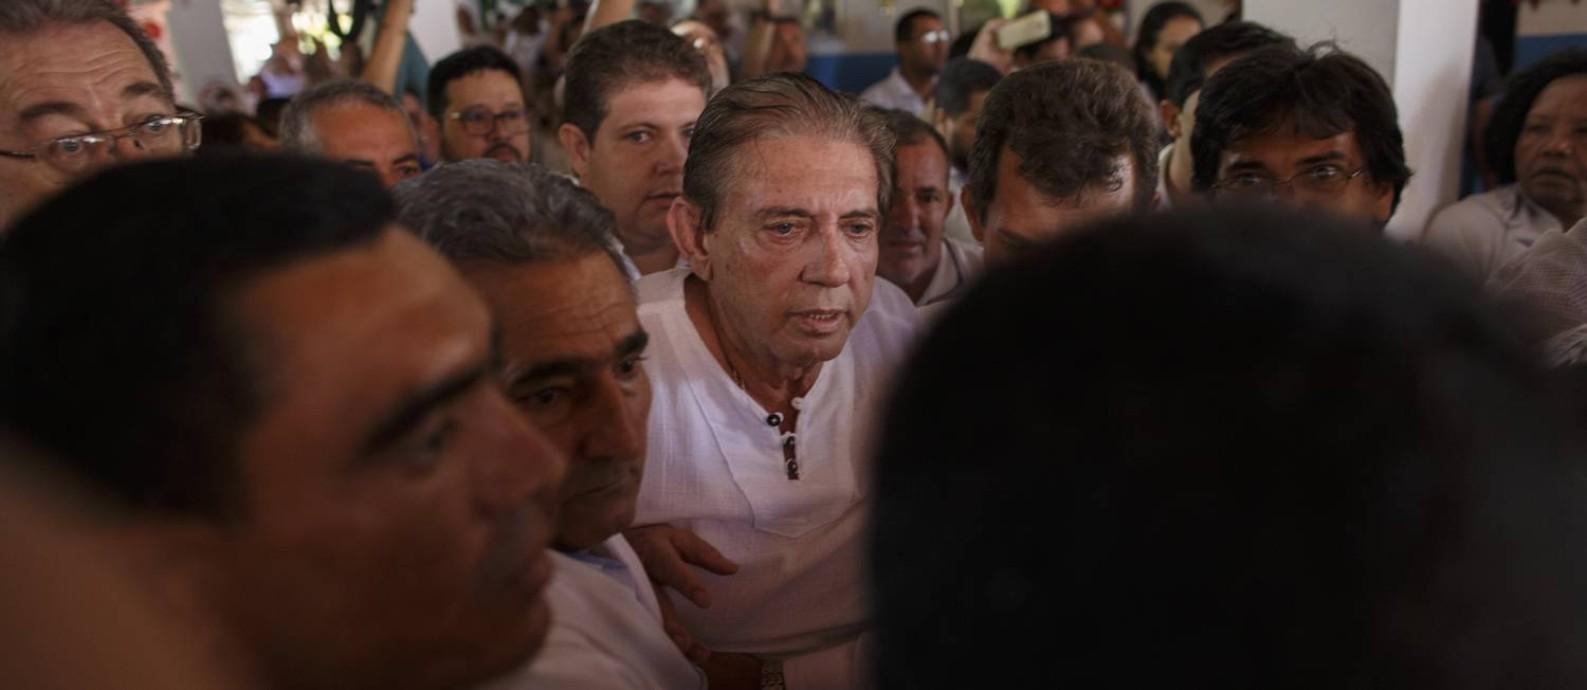 O médium cercado de fiéis e seguranças, em Abadiânia, em sua última aparição na Casa de Dom Inácio antes de ser preso Foto: Daniel Marenco / Agência O Globo